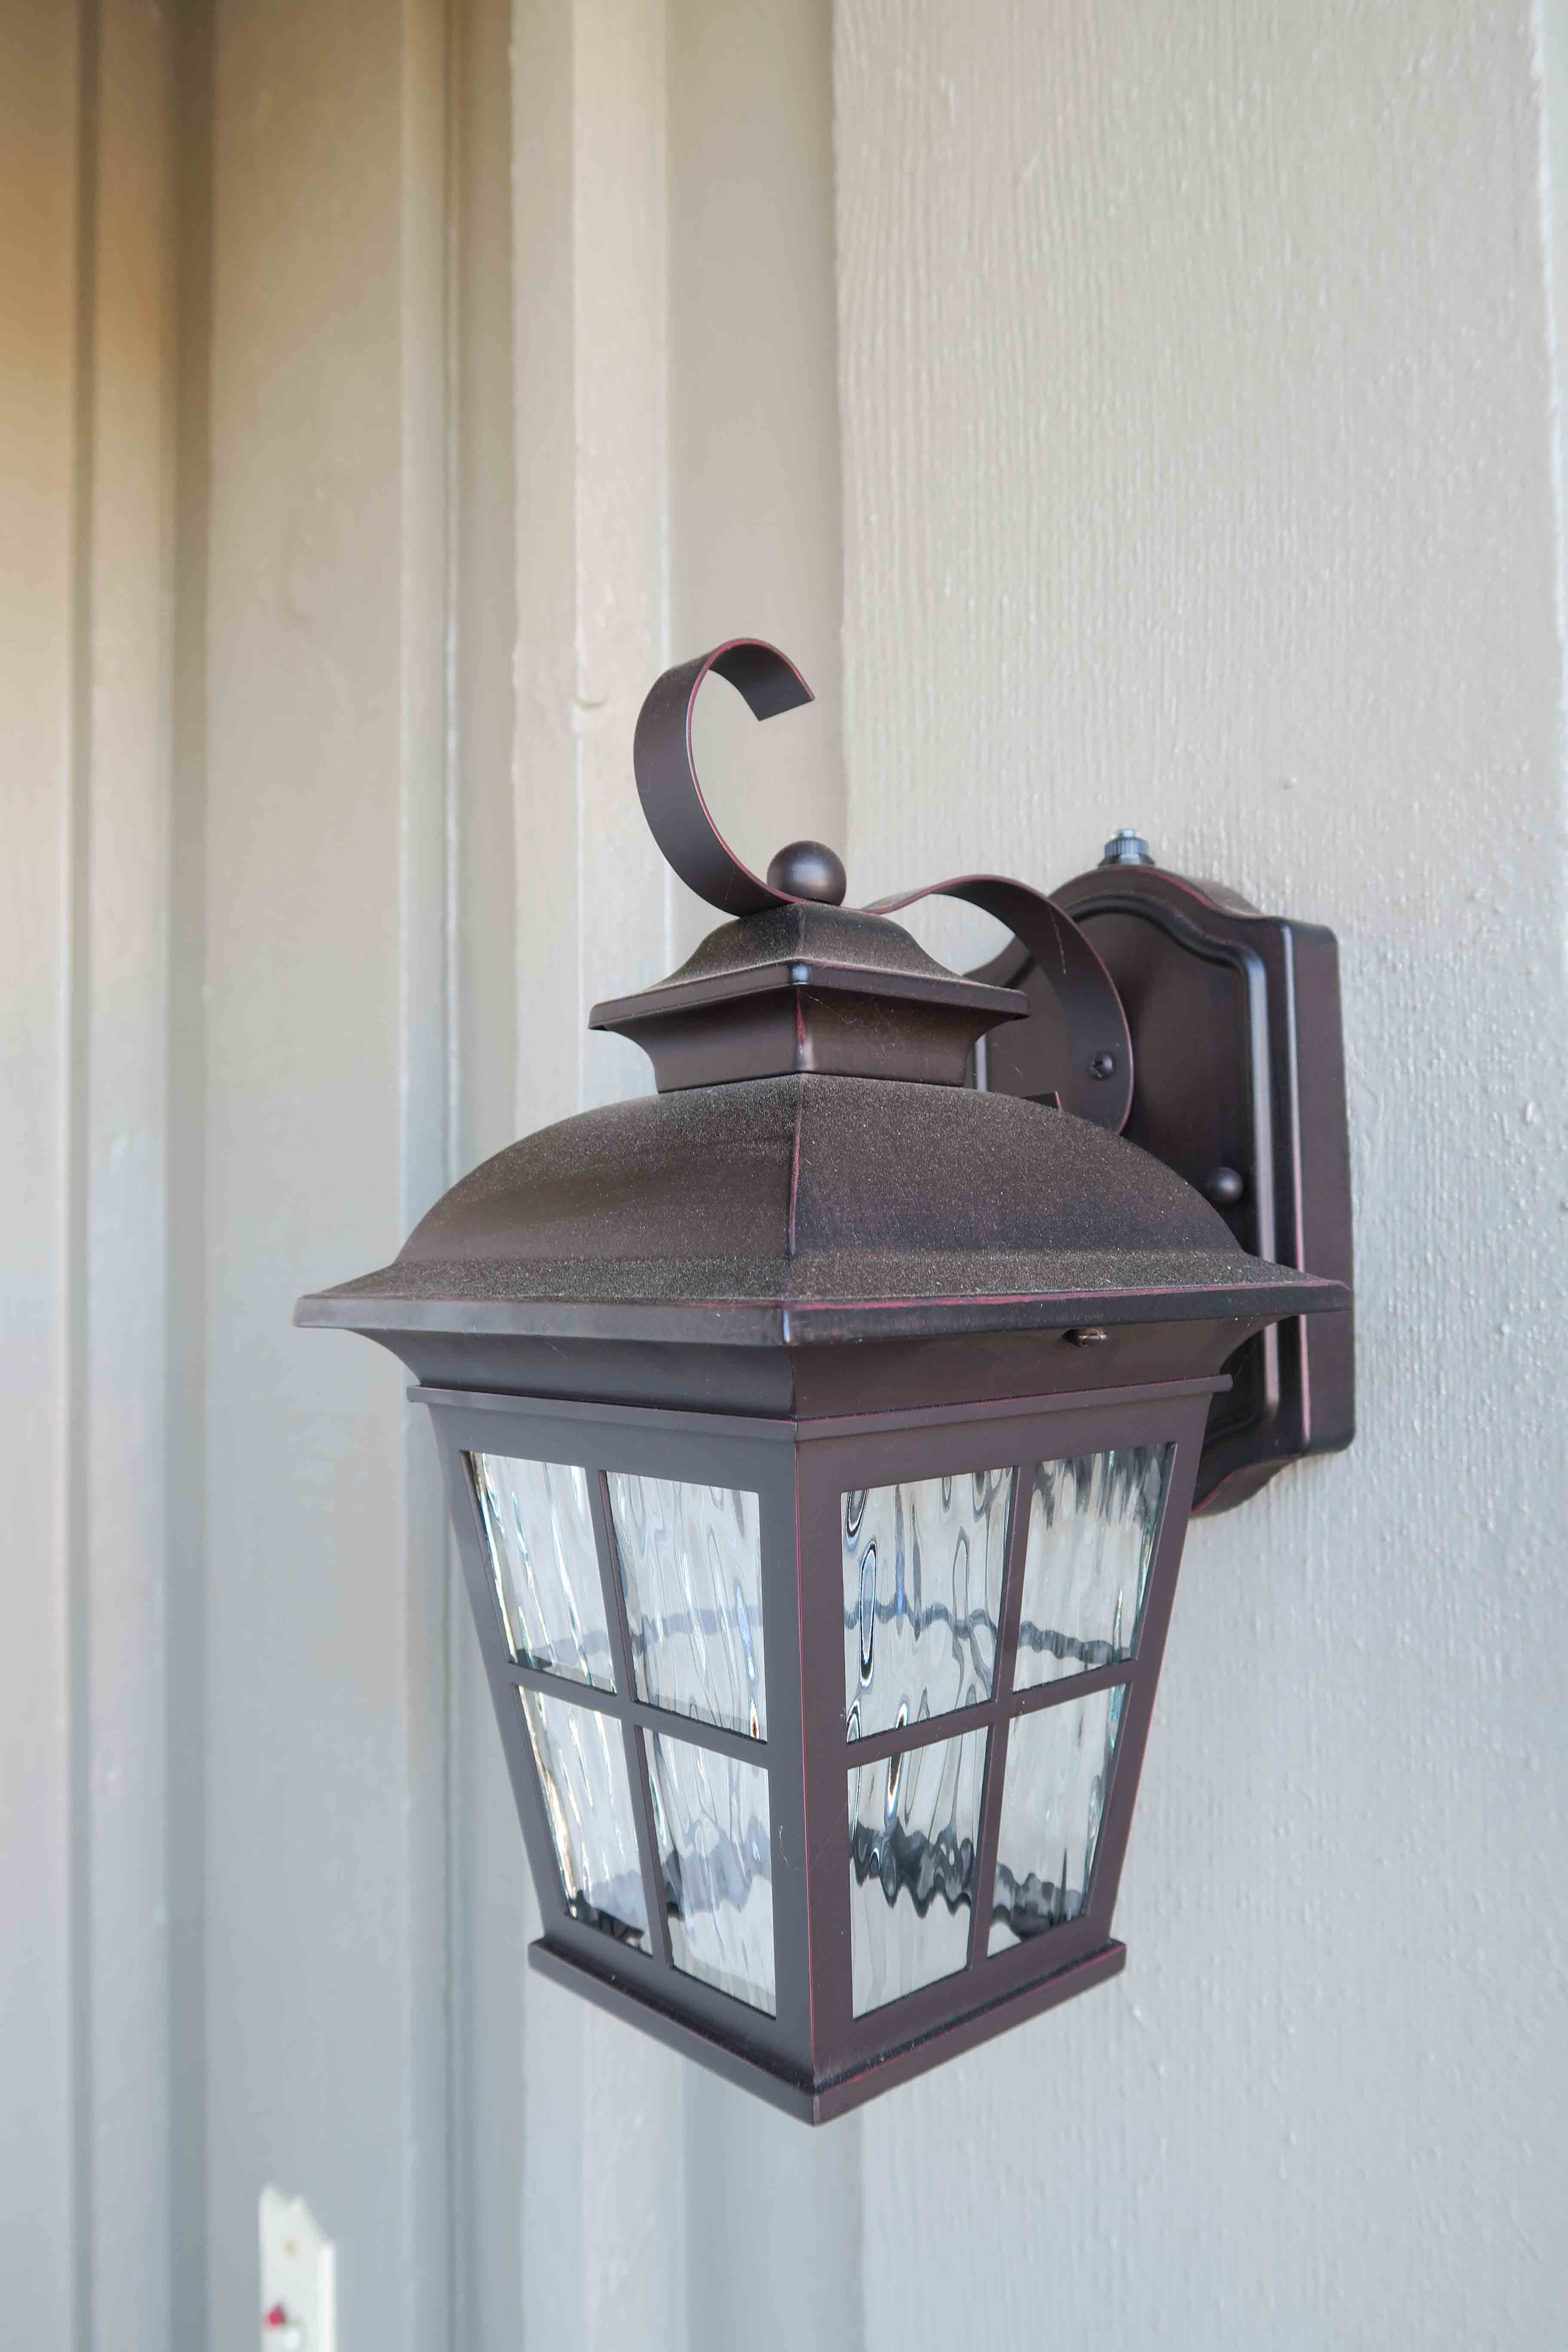 1841 Adelaide Ct, Oxnard CA 93035 Entry Light